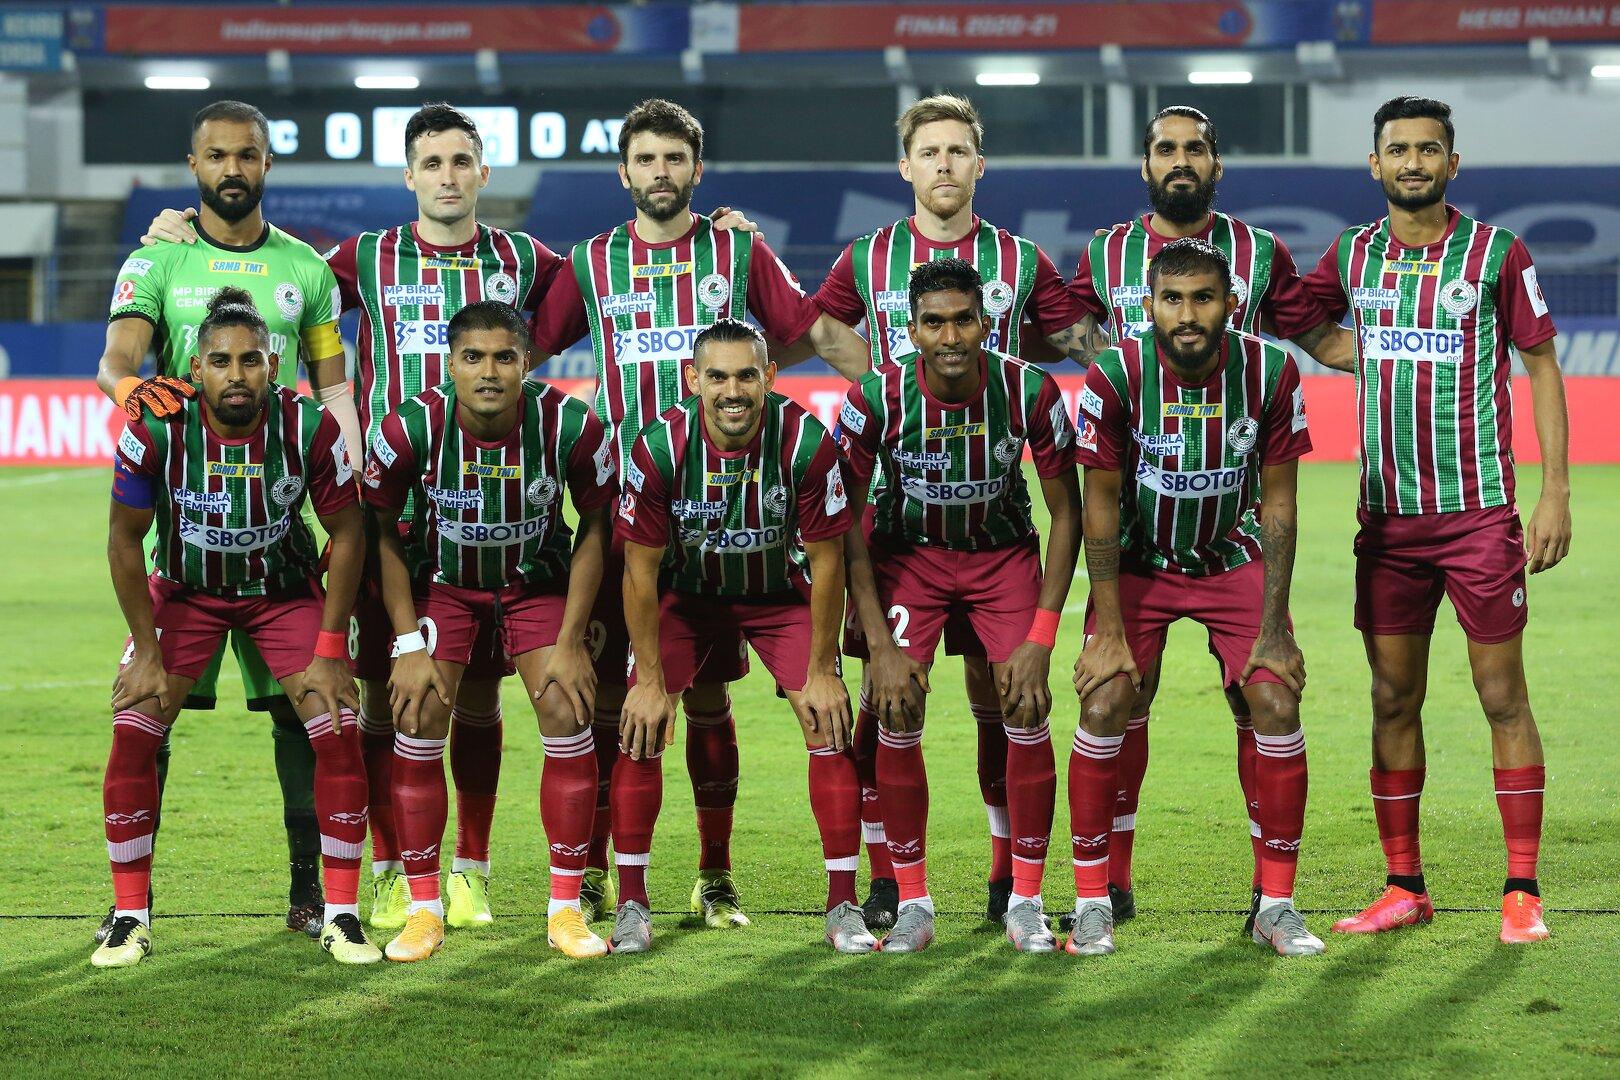 ATK Mohun Bagan Indian Super League